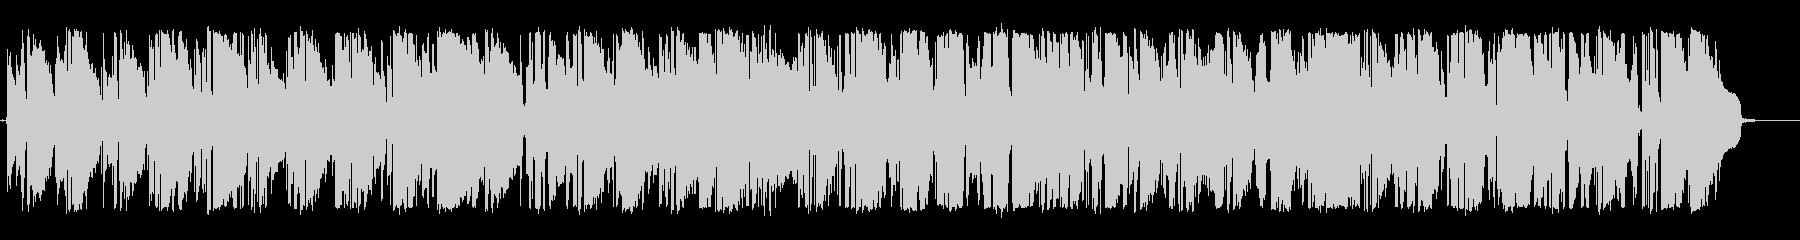 ヘヴィロック センチメンタル 感情...の未再生の波形